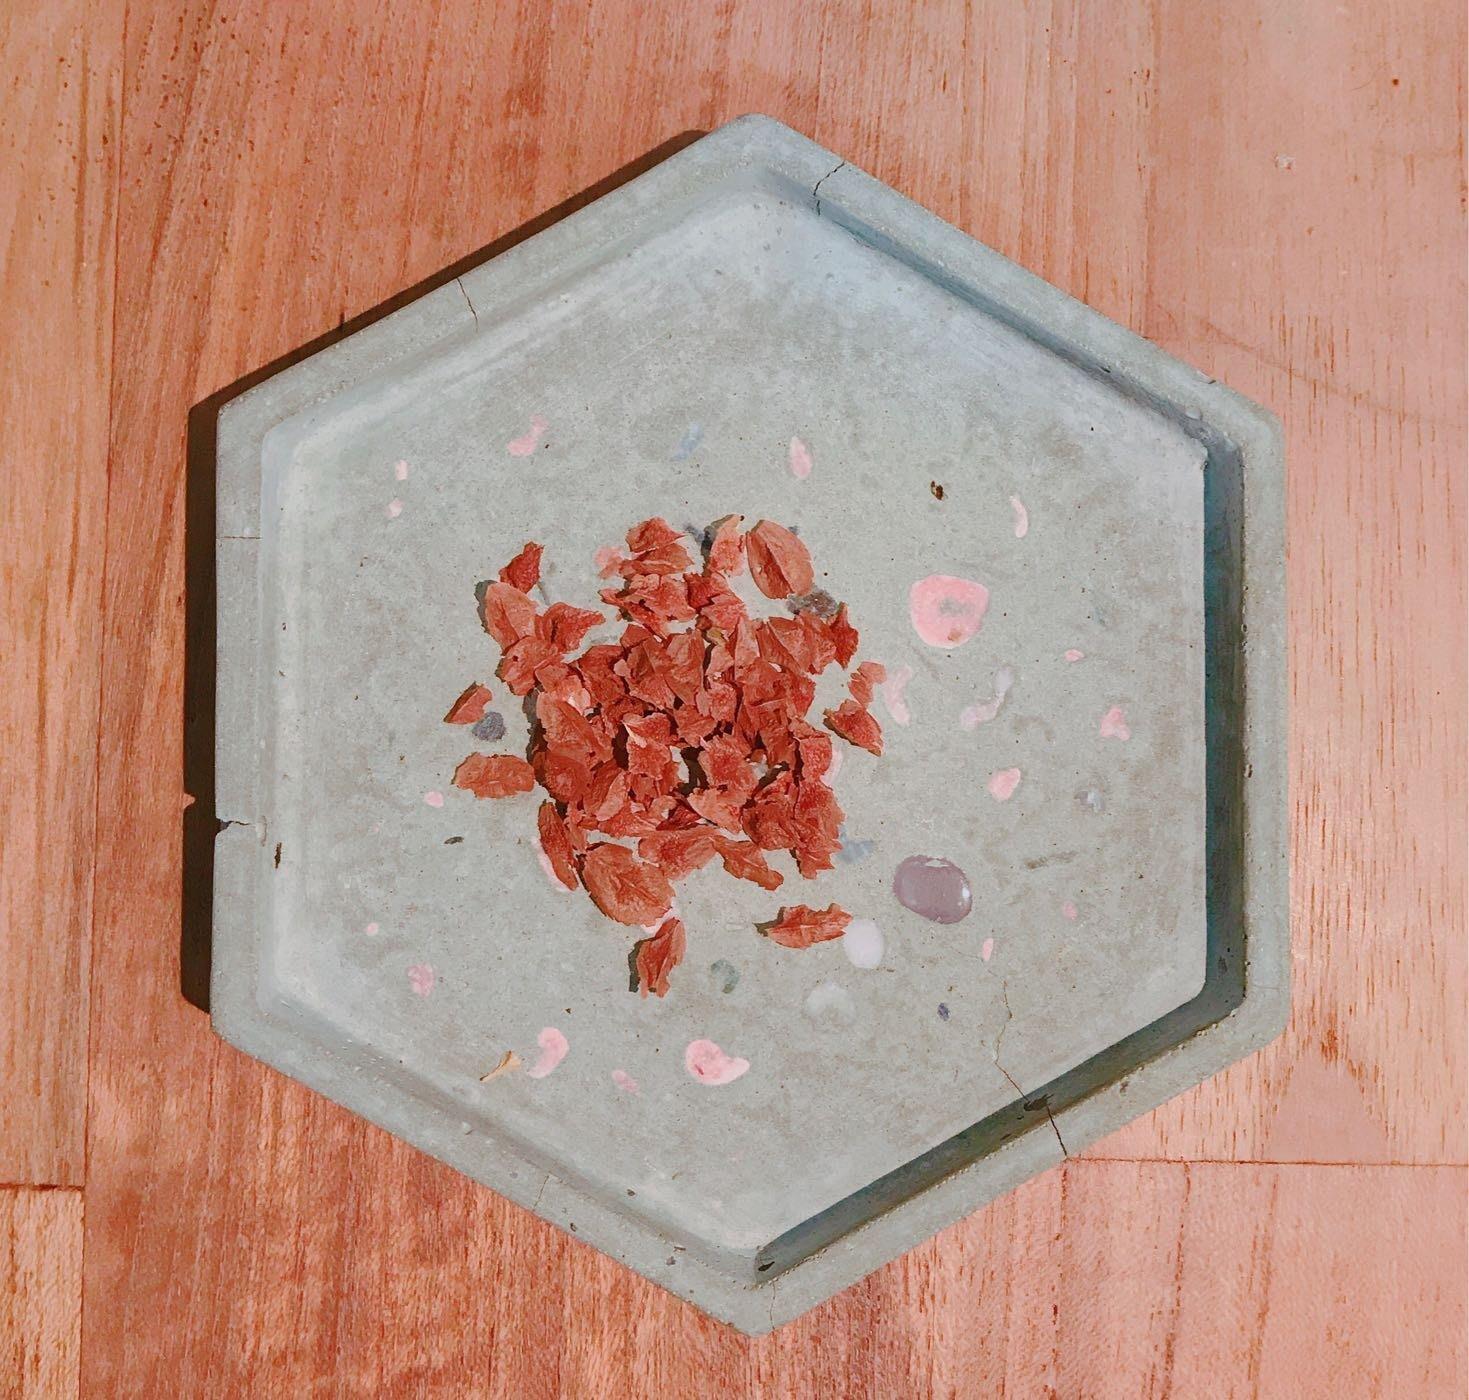 Boswellia sacra神聖乳香/阿曼乳香/薩克拉乳香,種子 一份10顆